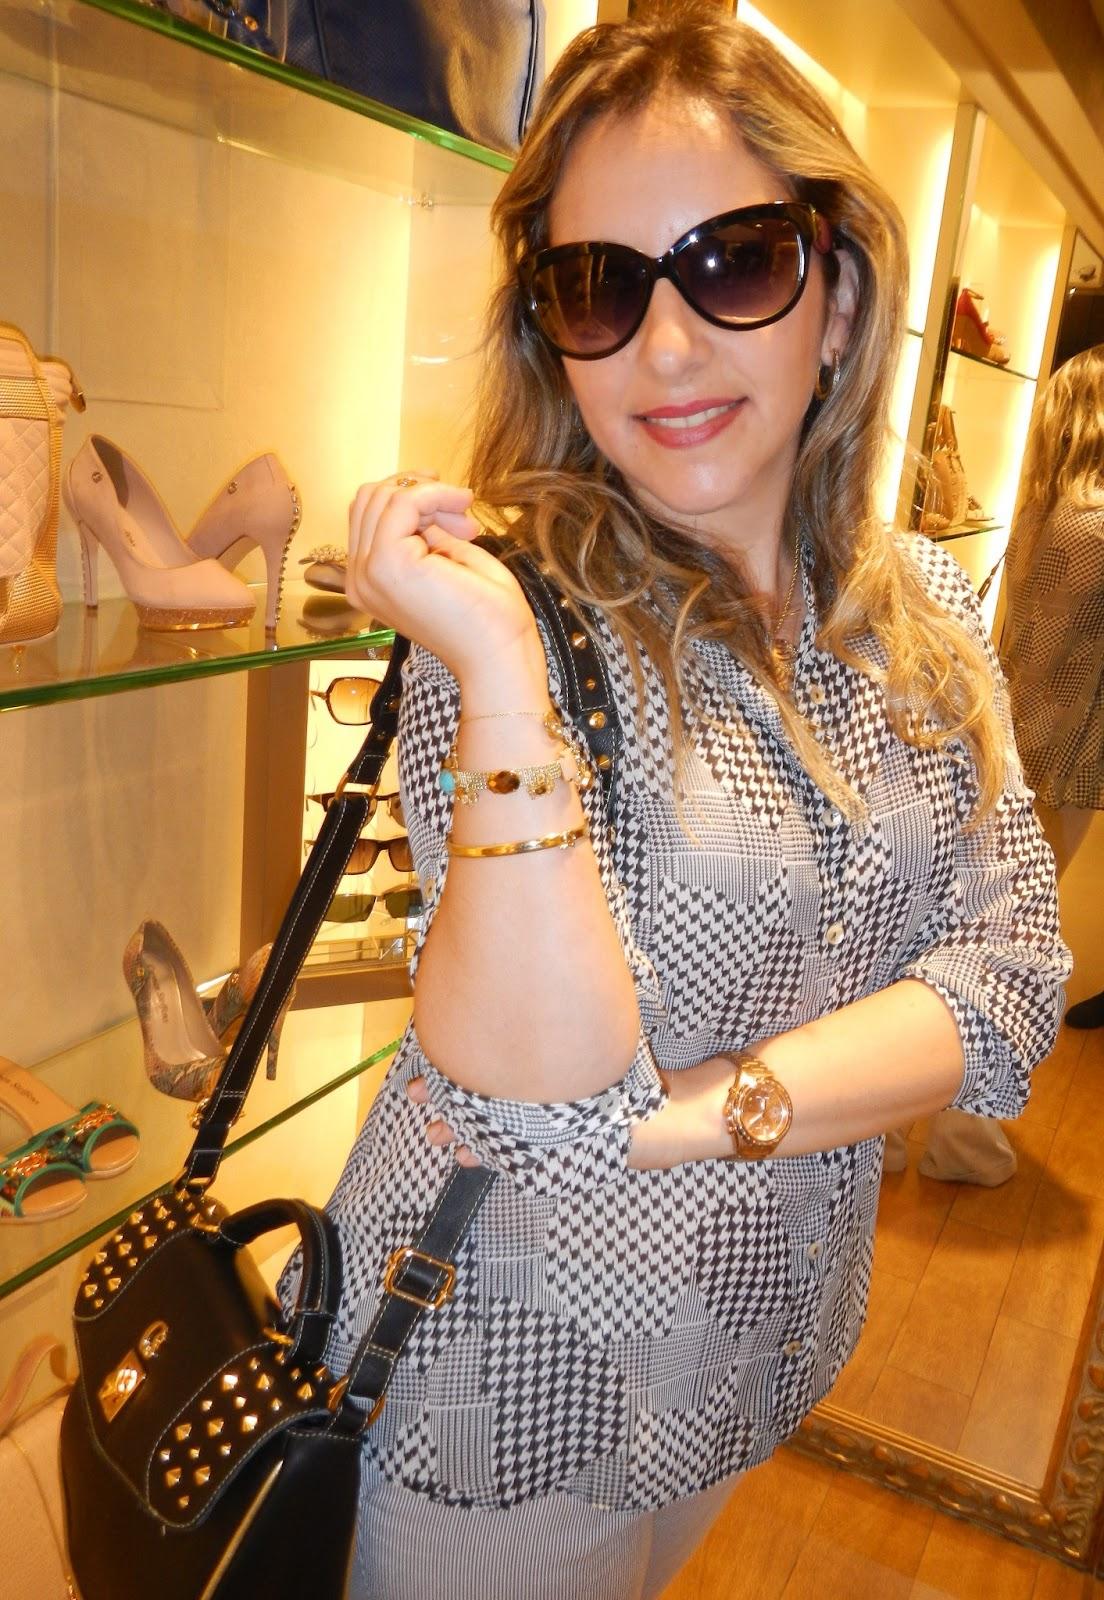 Equipe Carmen Steffens loja Maceió AL - Atenciosos, fofos, e super  antenados, com altas dicas das peças que melhor combinam com nosso estilo!!! 8f35002bd7